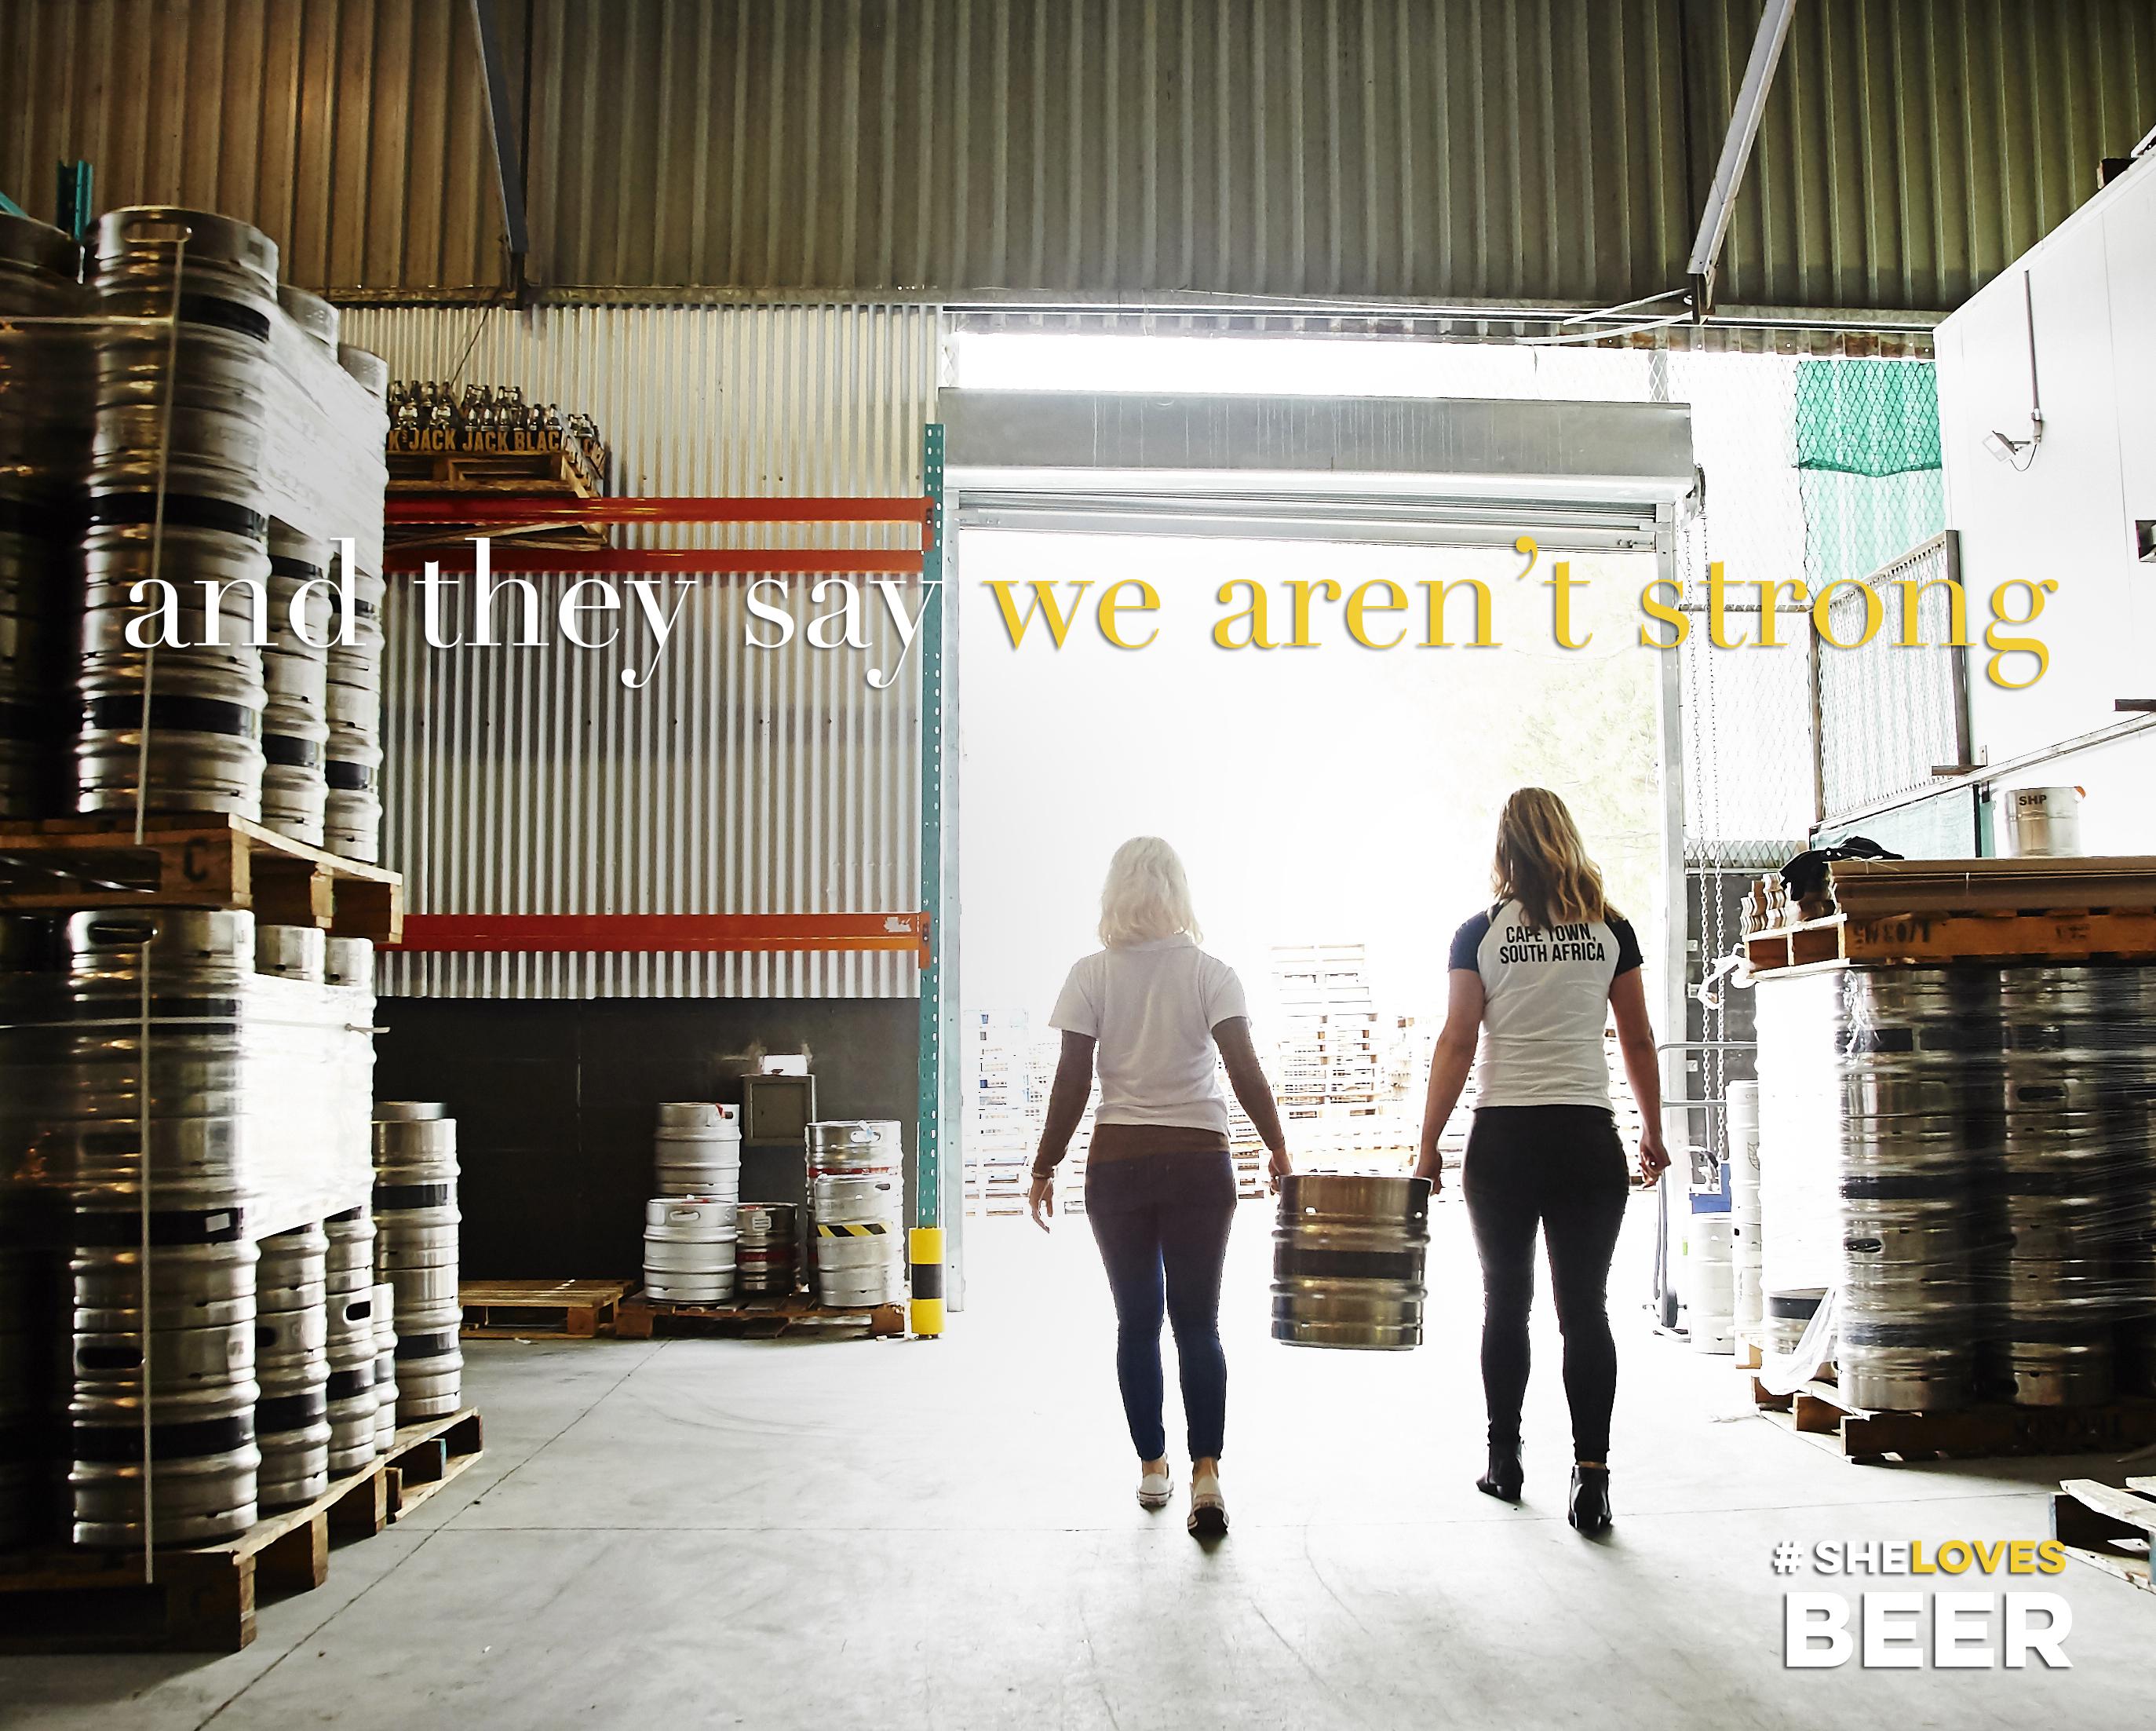 #shelovesbeer Campaign